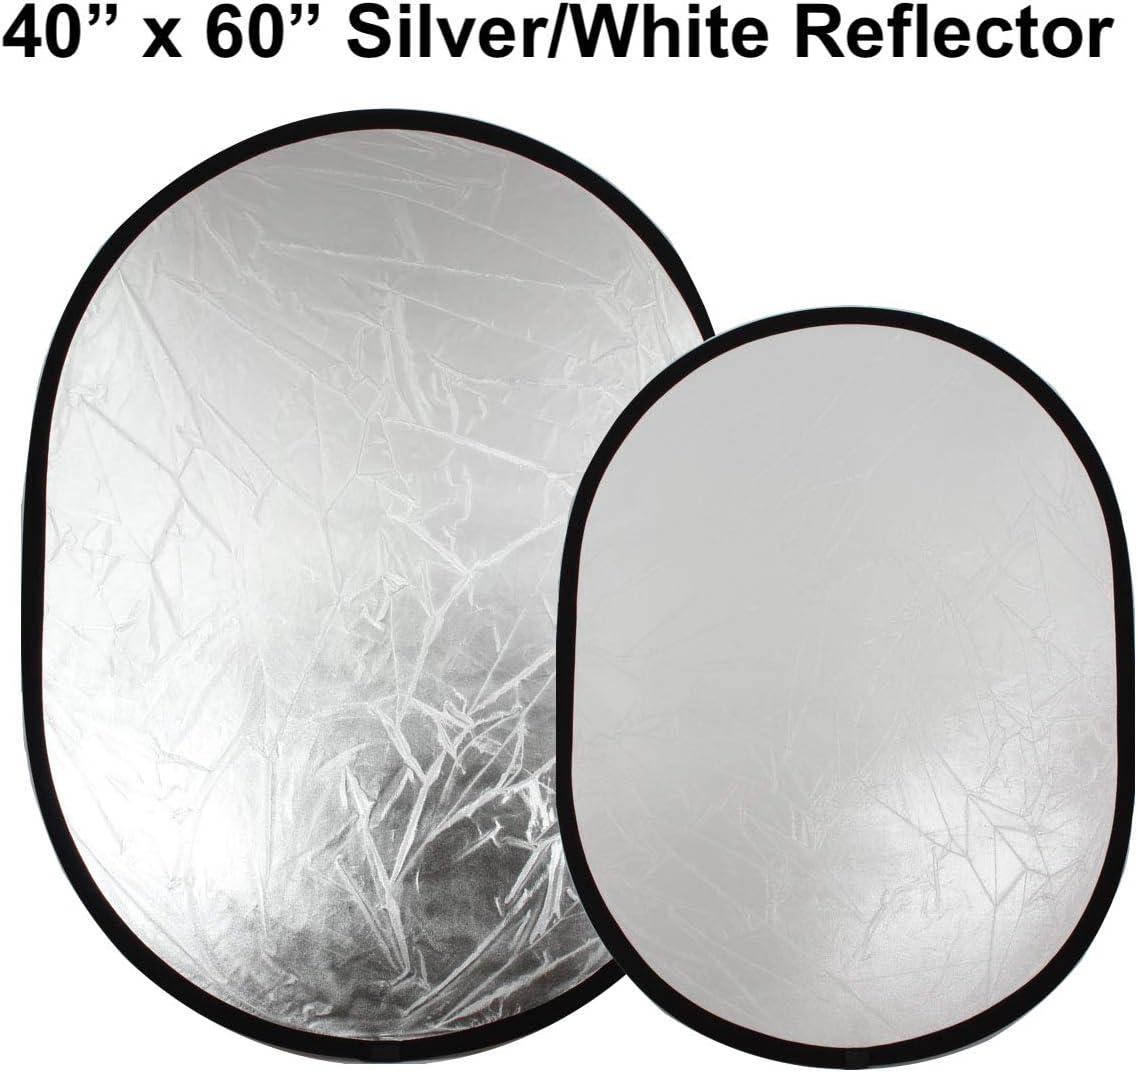 GS-SWR4060 GTX Studio 40x60 Reflector Silver//White